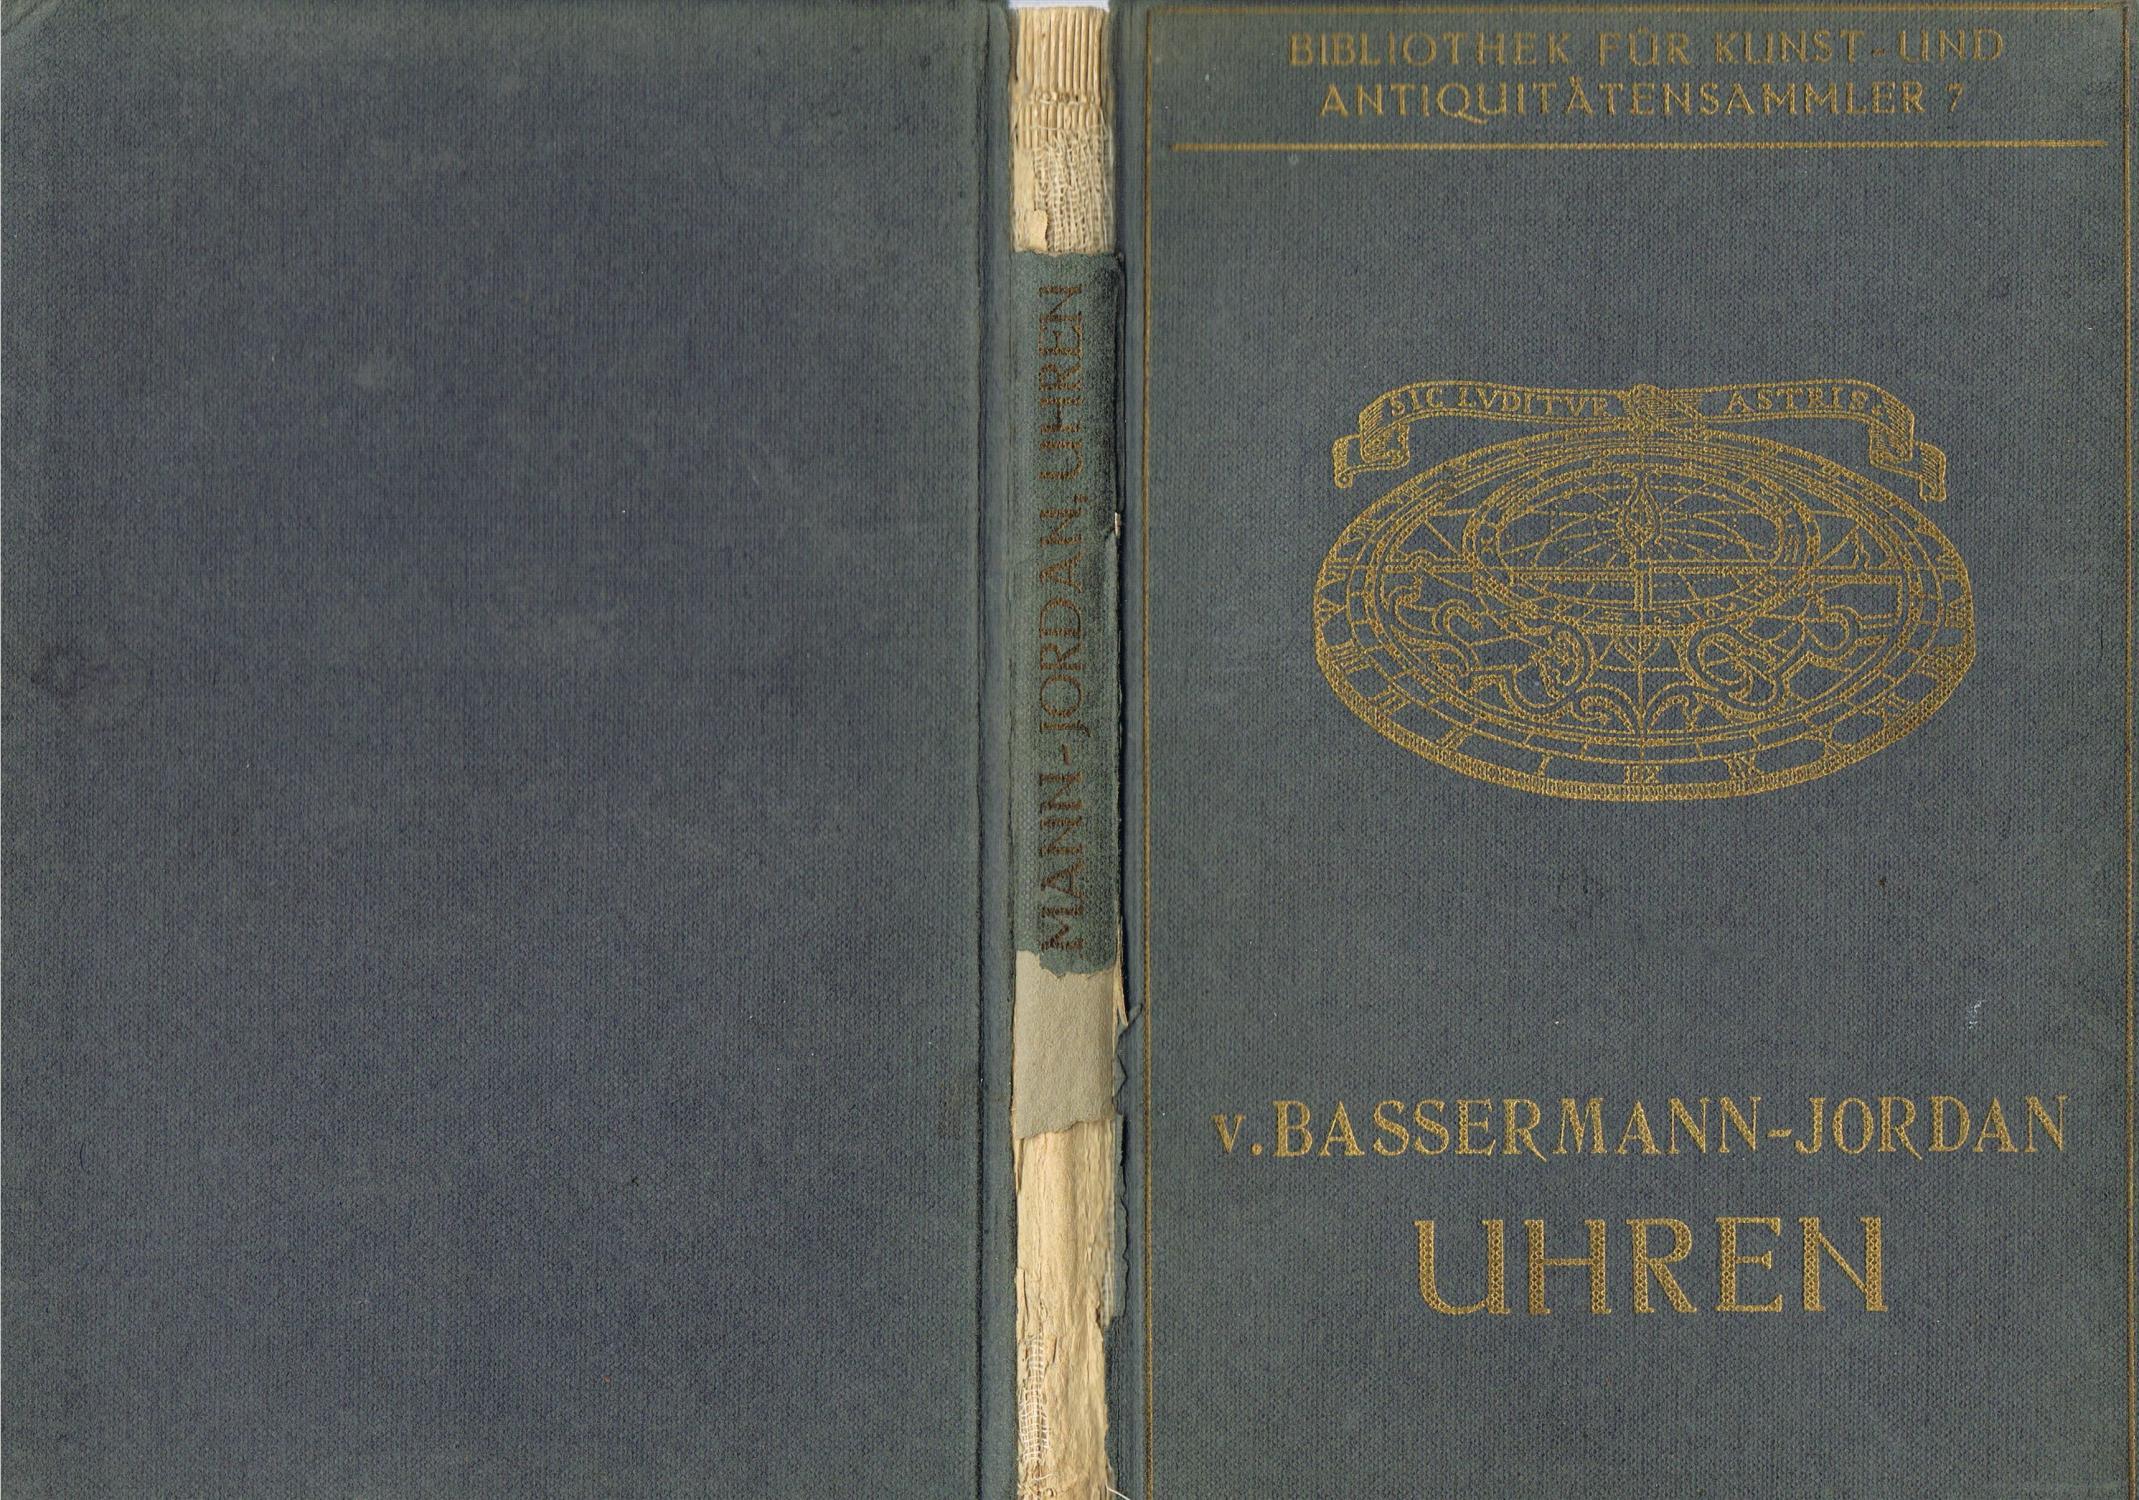 Bibliothek für Kunst- und Antiquitätensammler Band 7: Ernst von Bassermann-Jordan